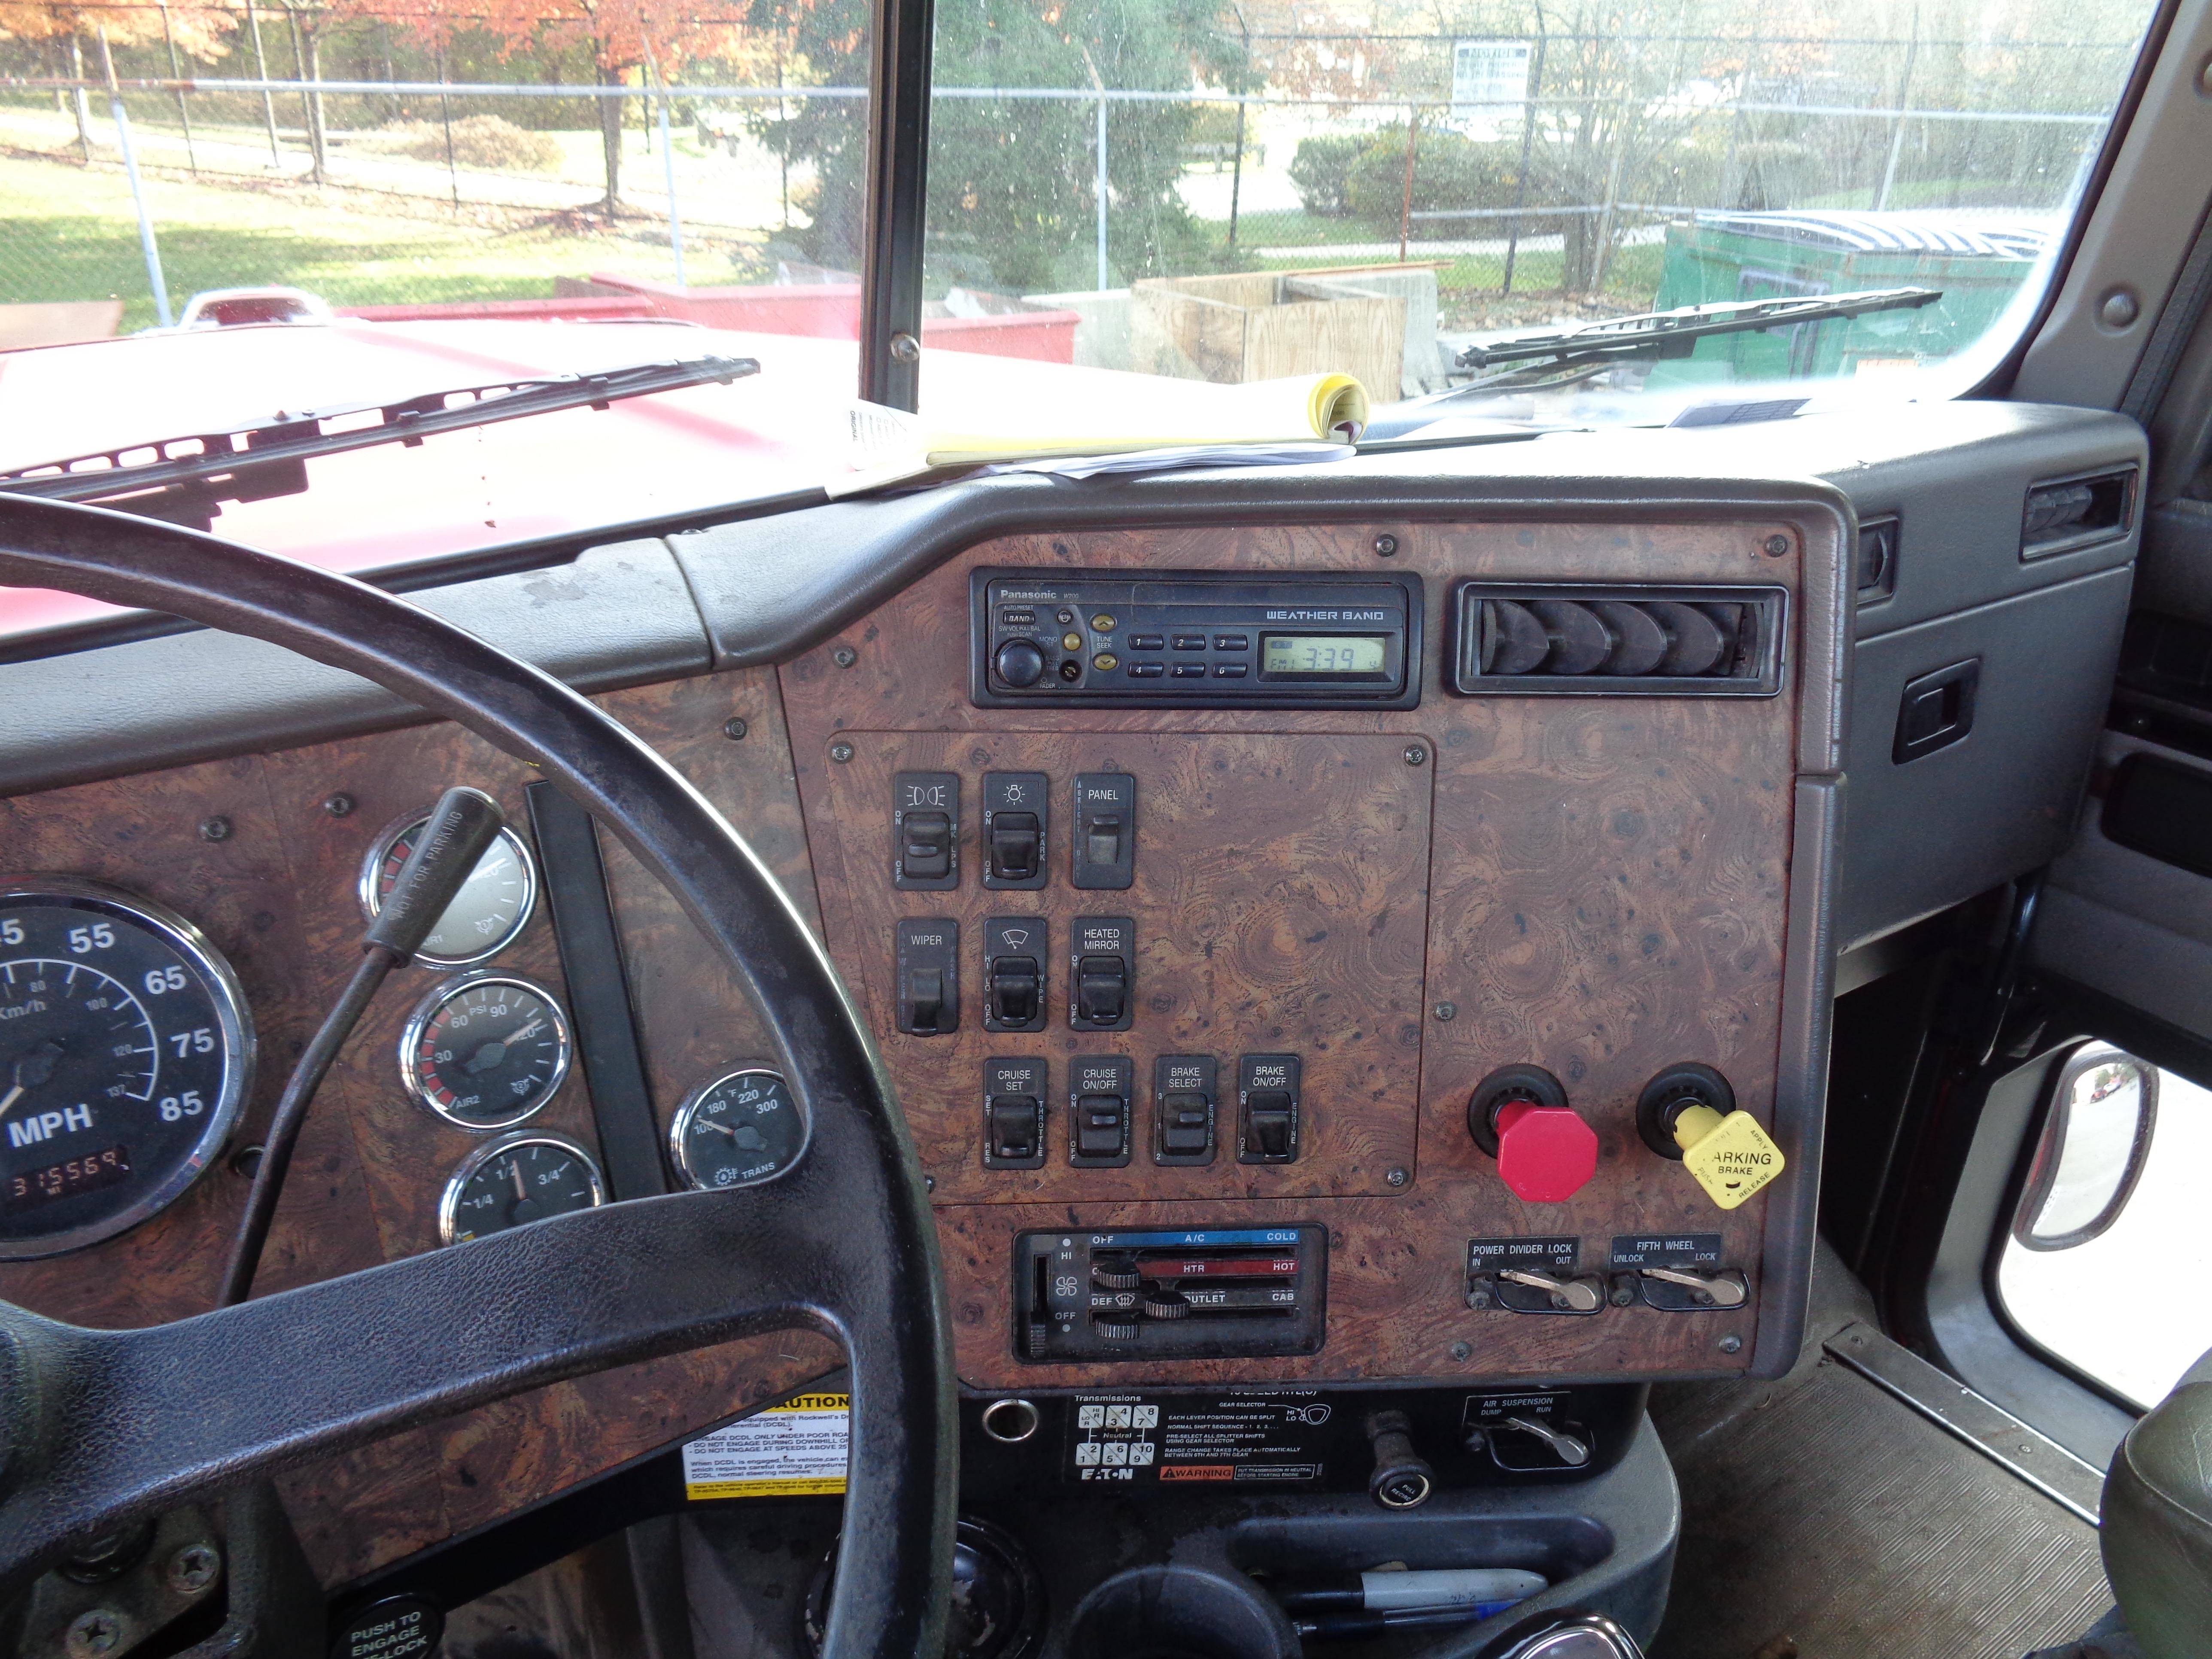 1999 International 9300 Diesel Tandem - Image 5 of 7